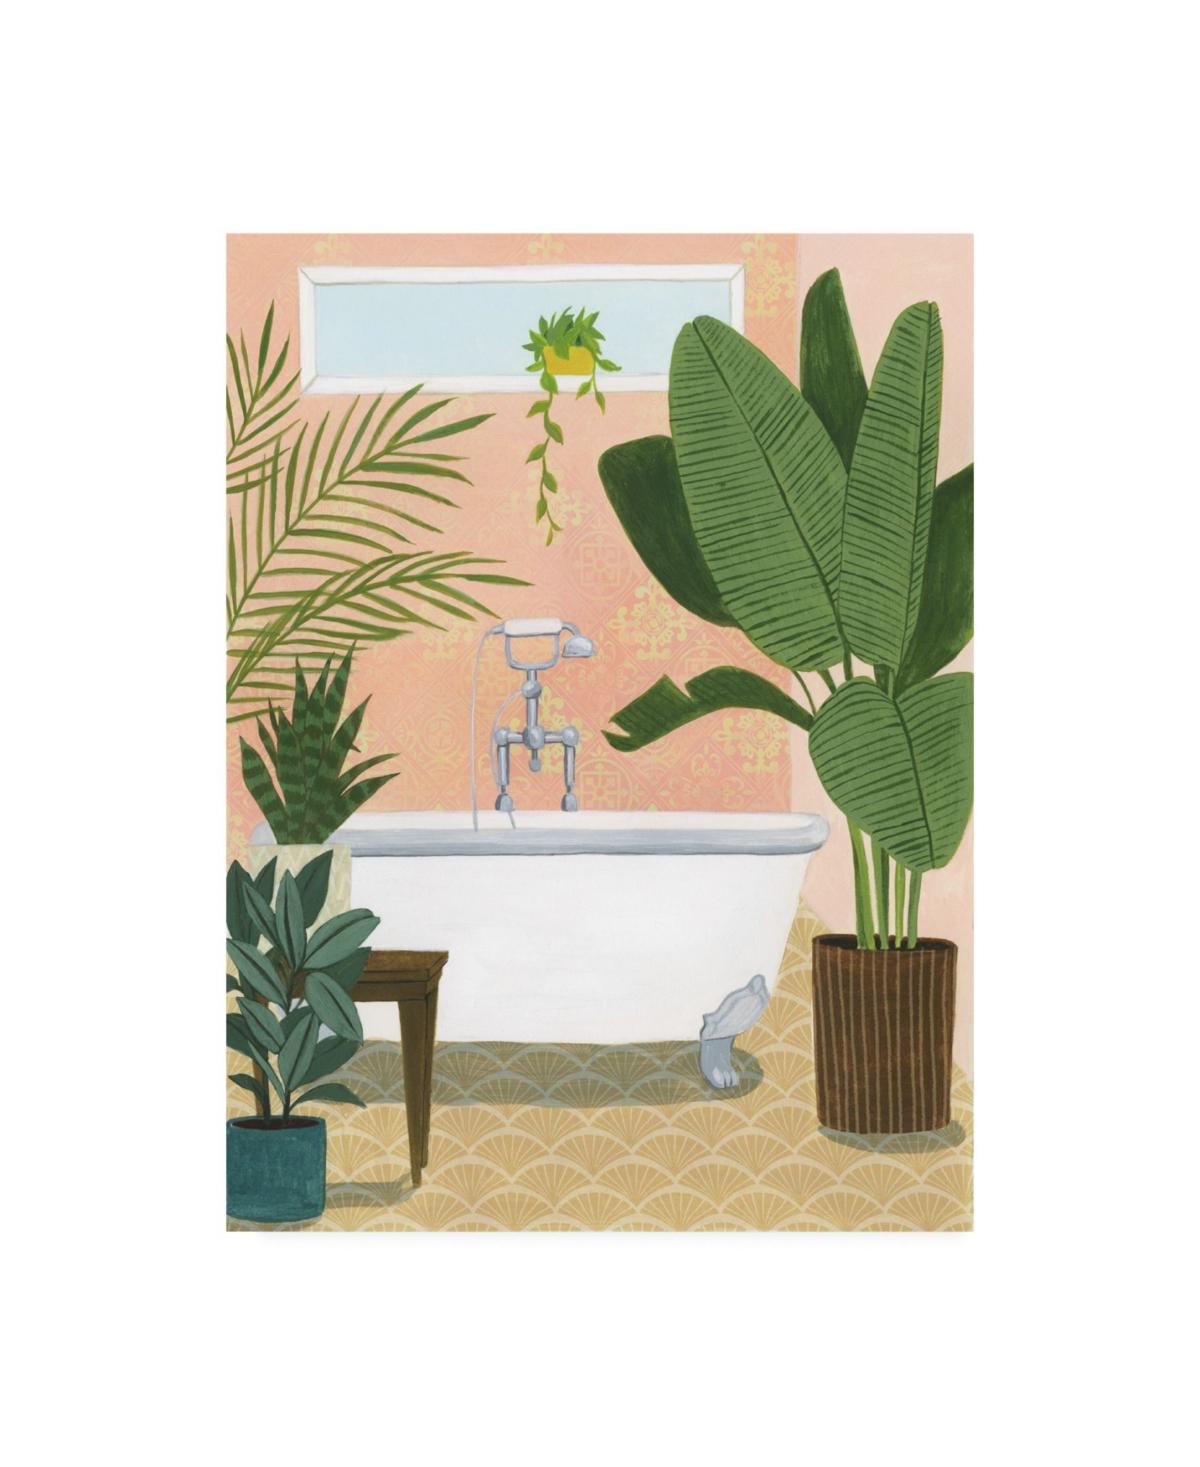 Grace Popp Bathtub Oasis I Canvas Art - 27